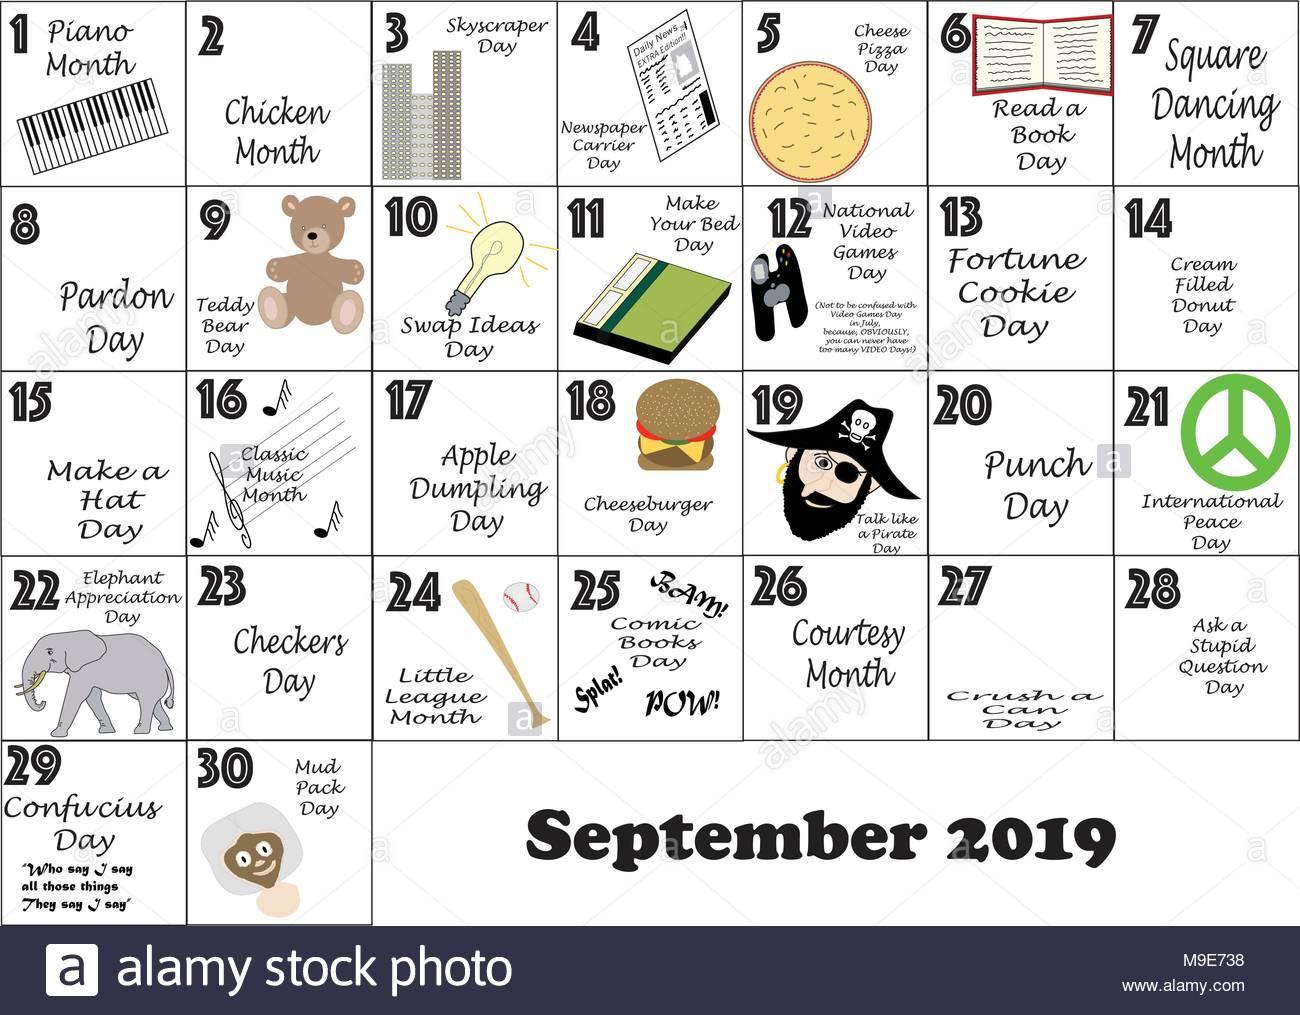 Calendario Diario 2019.Septiembre 2019 Calendario Mensual Ilustrada Y Comentada Con